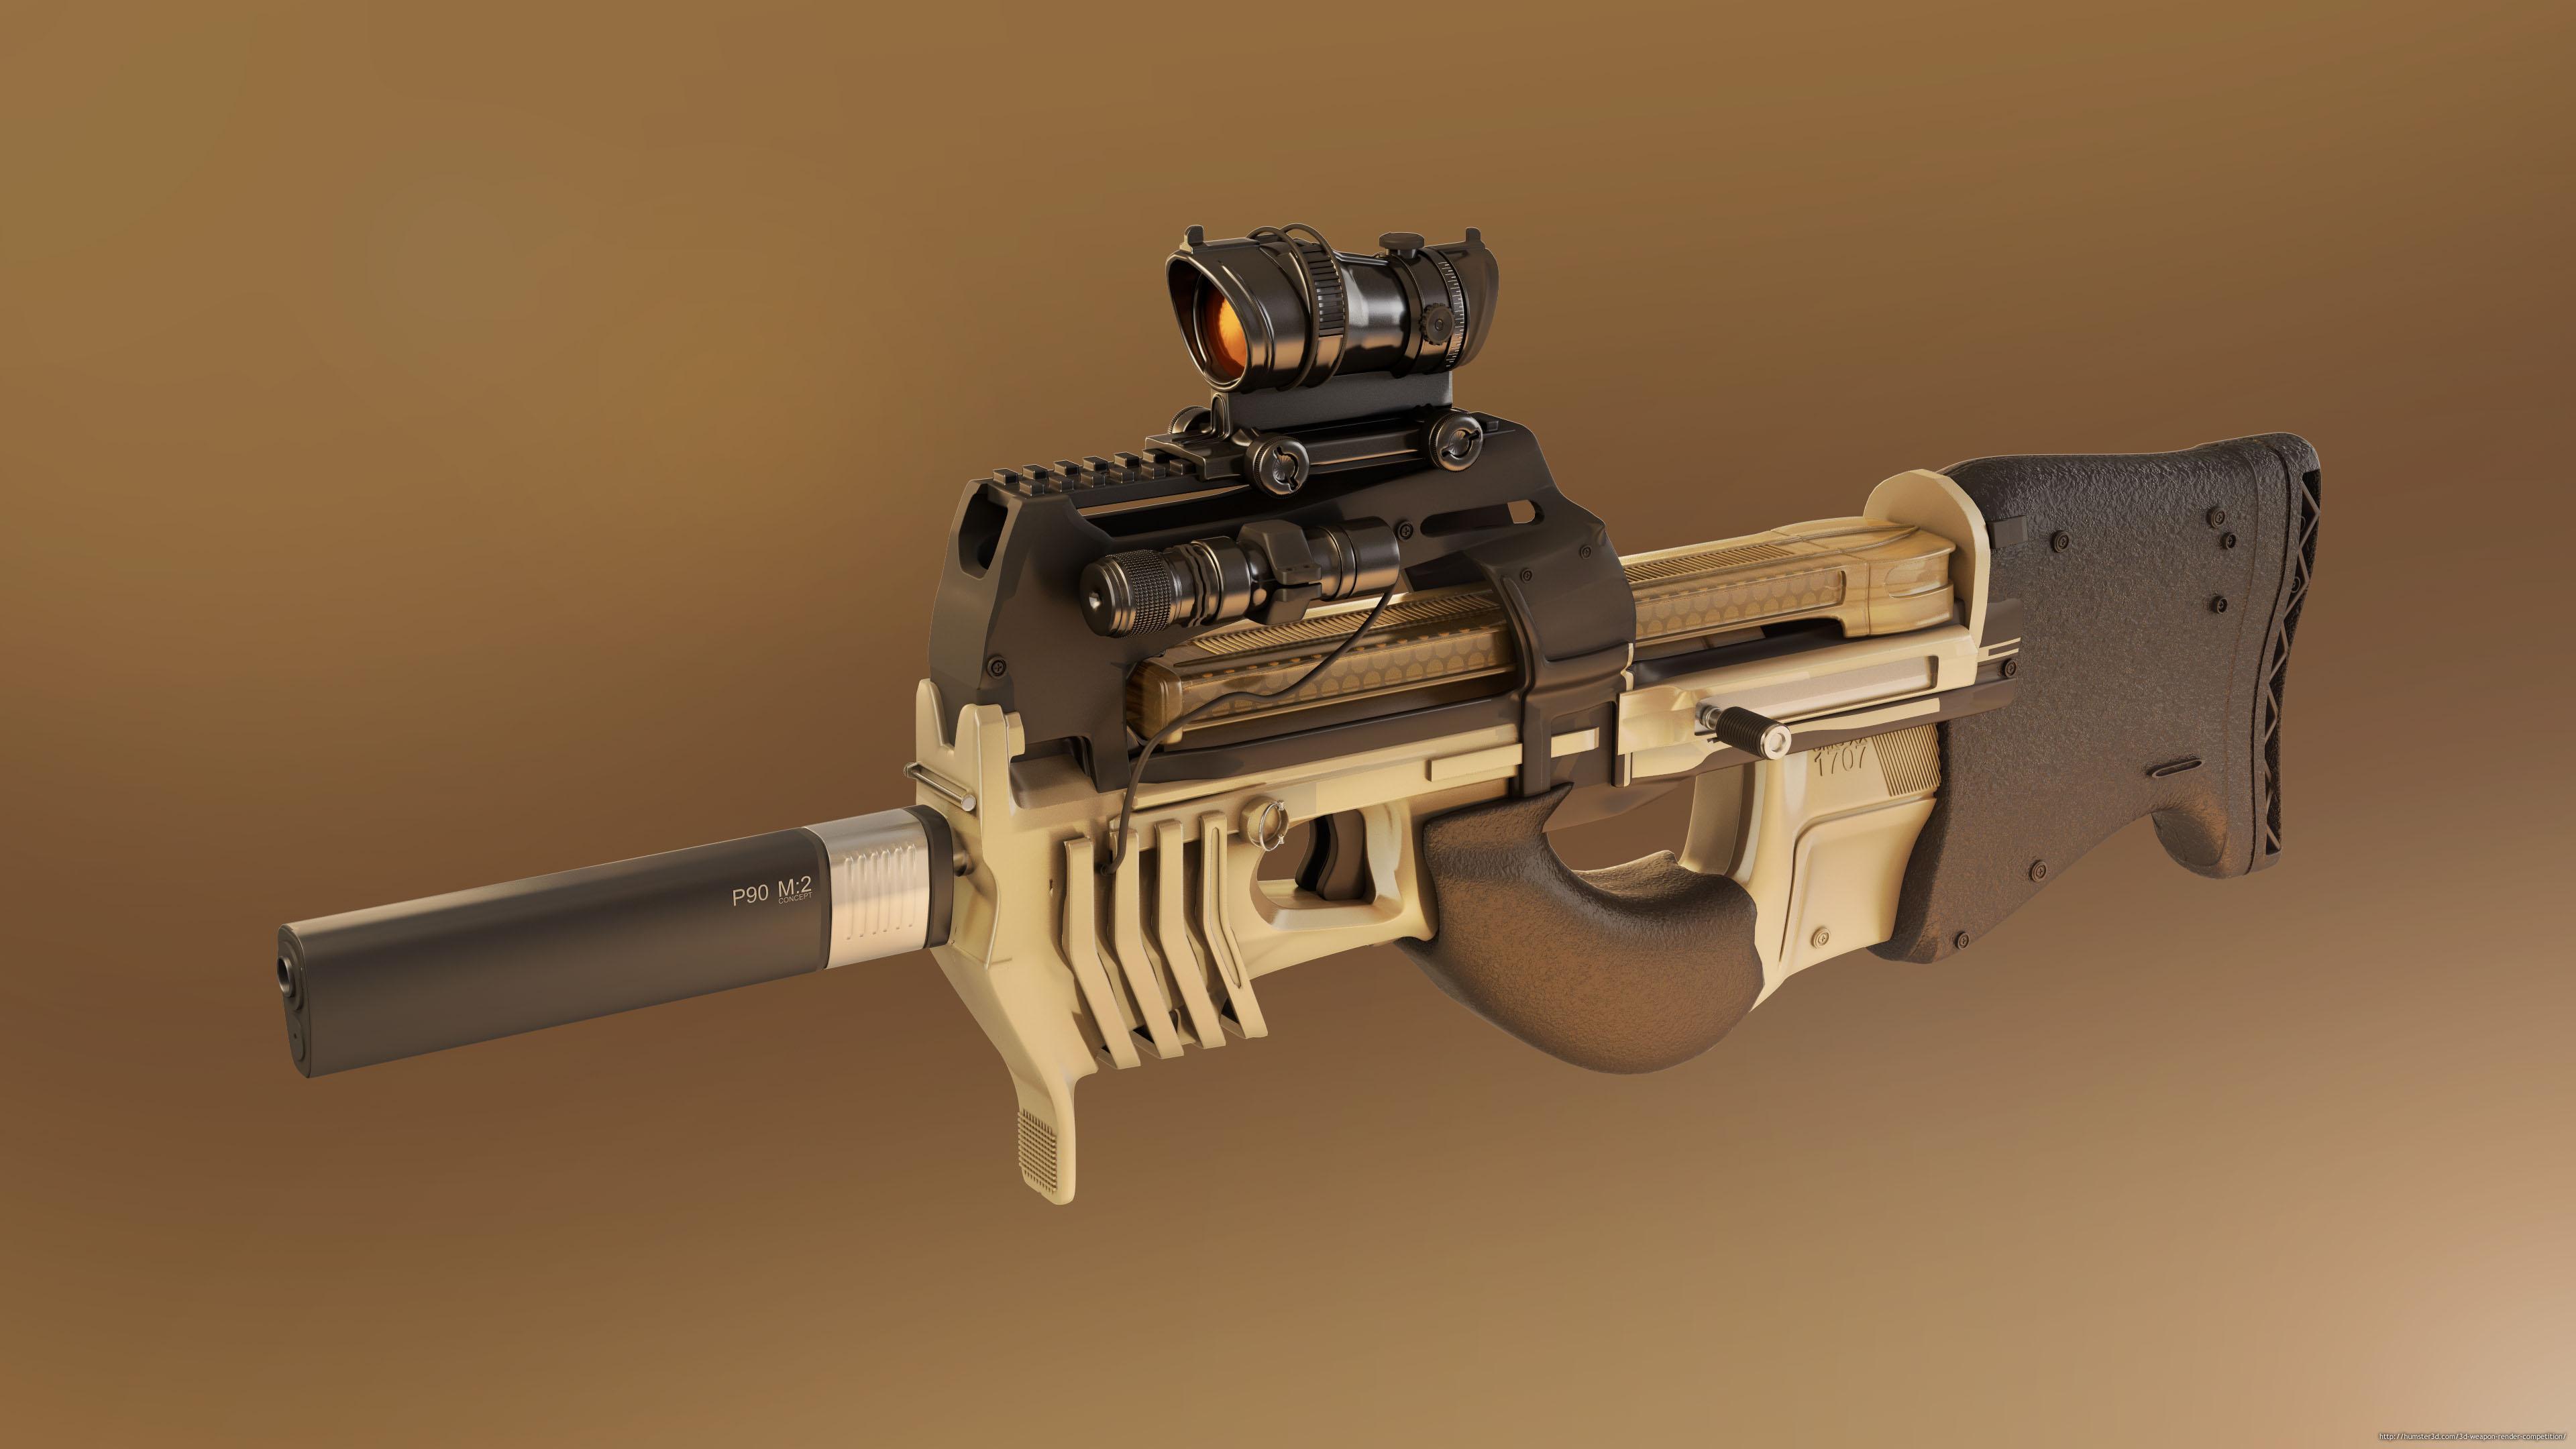 P90M2 Concept 3d art